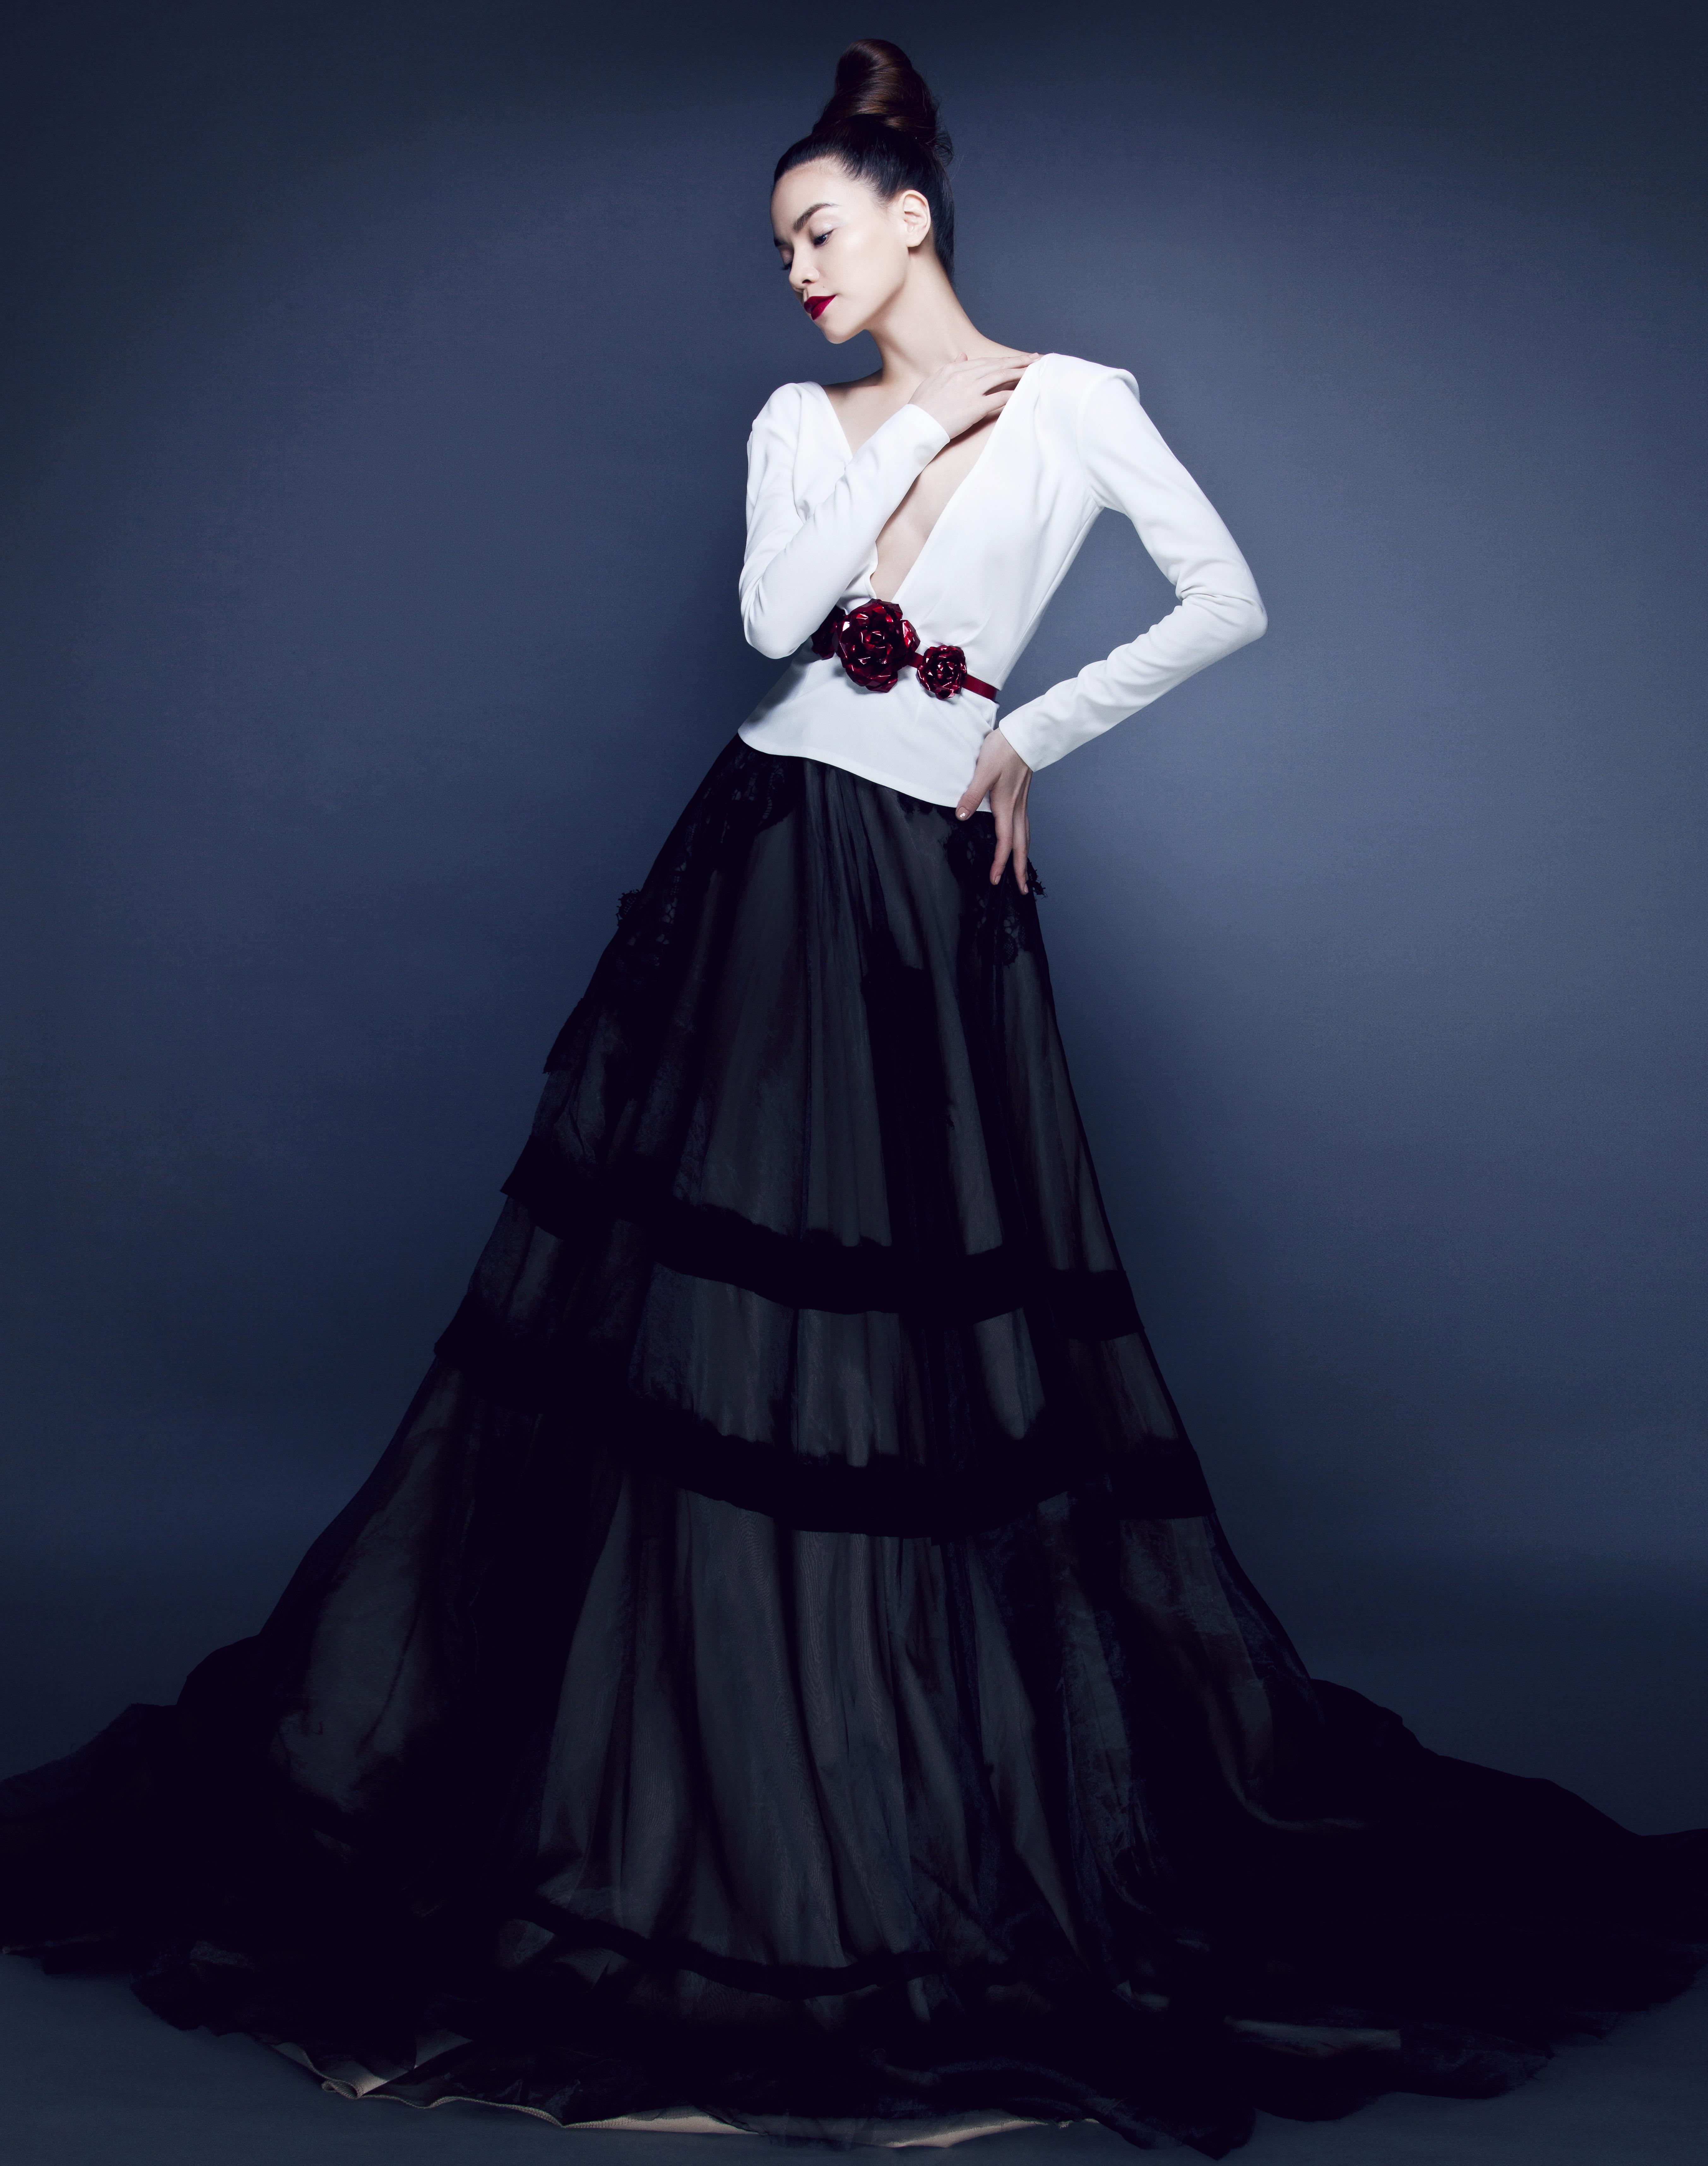 Hồ Ngọc Hà đẹp lộng lẫy với những mẫu váy thiết kế ấn tượng 4